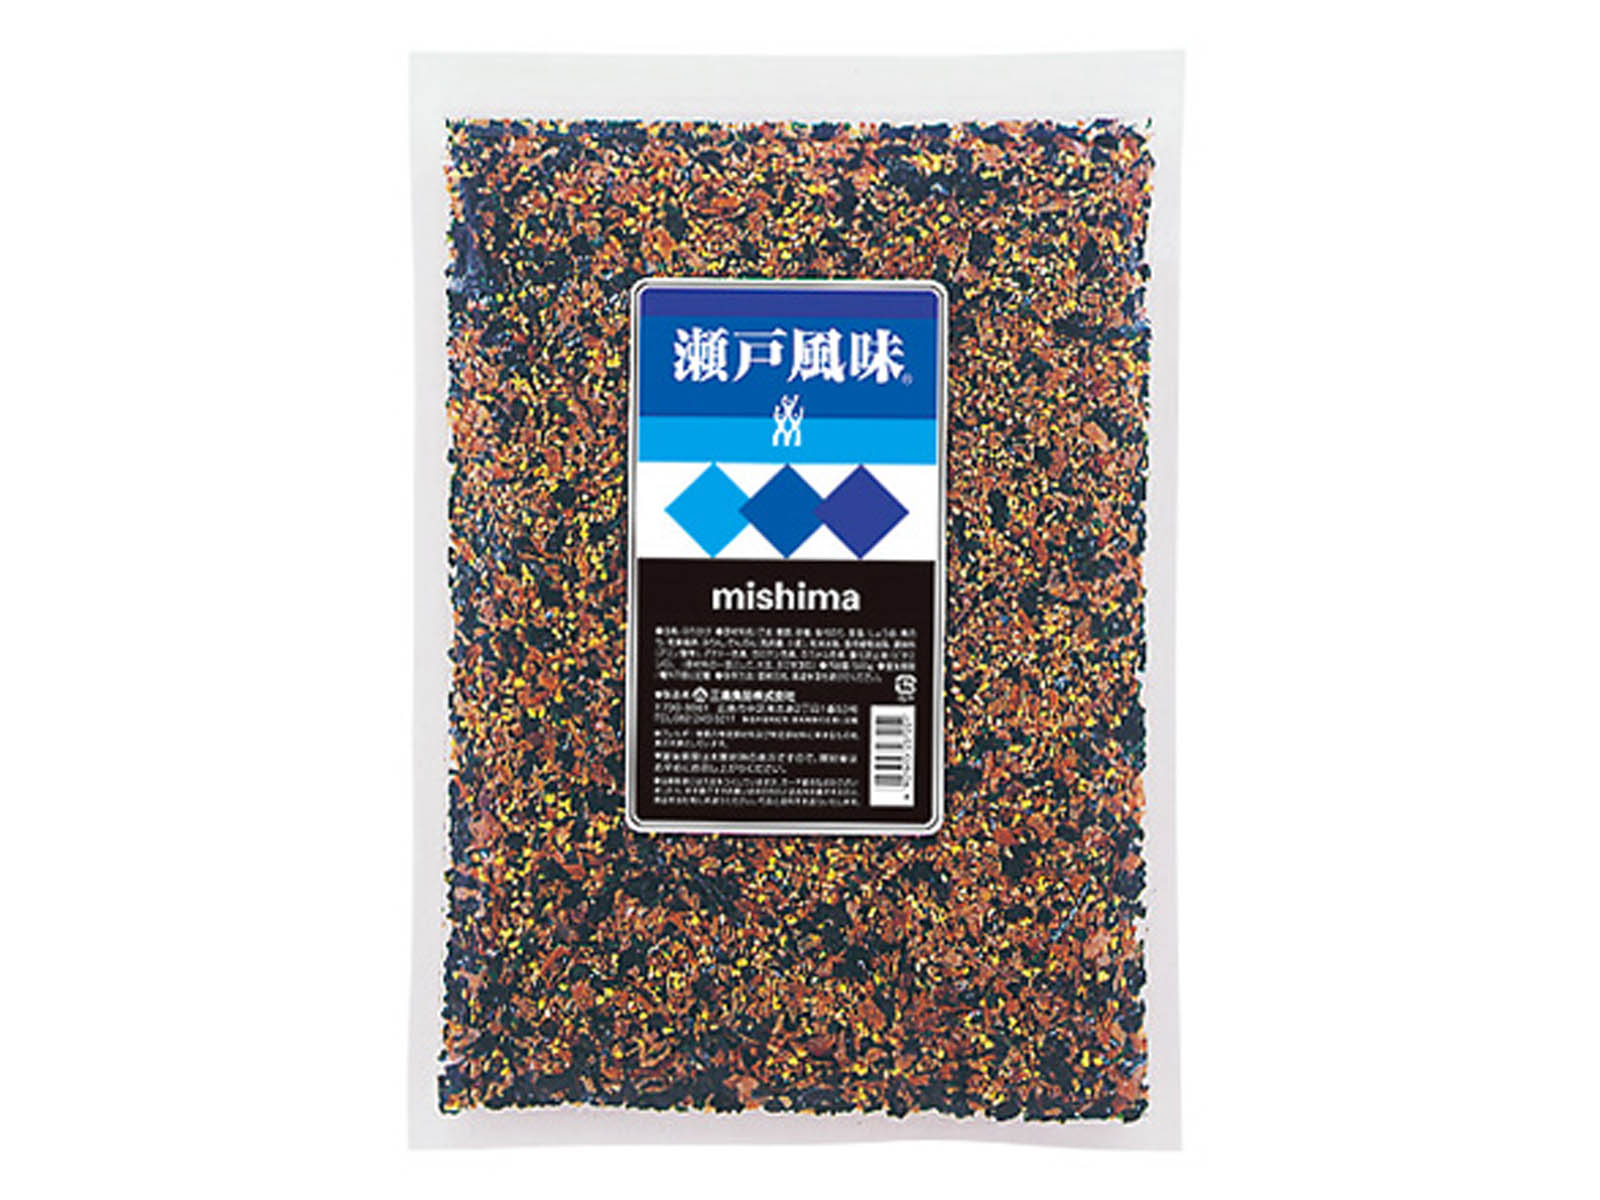 瀬戸風味® 500g